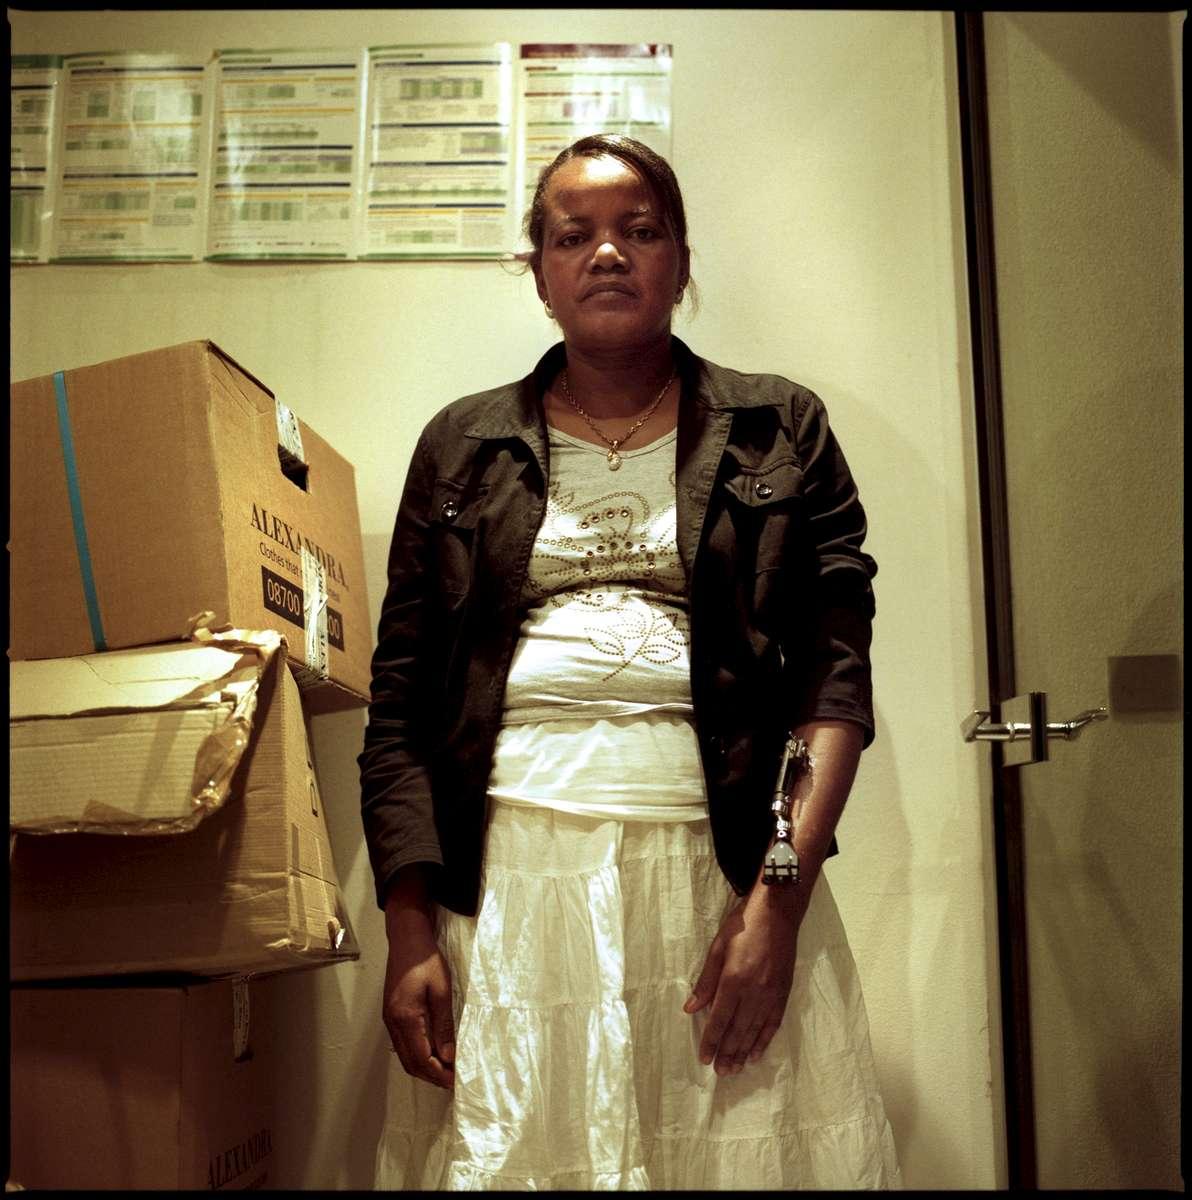 Marissia est Haïtienne et en grève depuis le 23  mai 2008. Sans papiers, elle occupe les locaux de l'entreprise qui l'emploie «Manet». Elle est dans l'attente d'une régularisation.